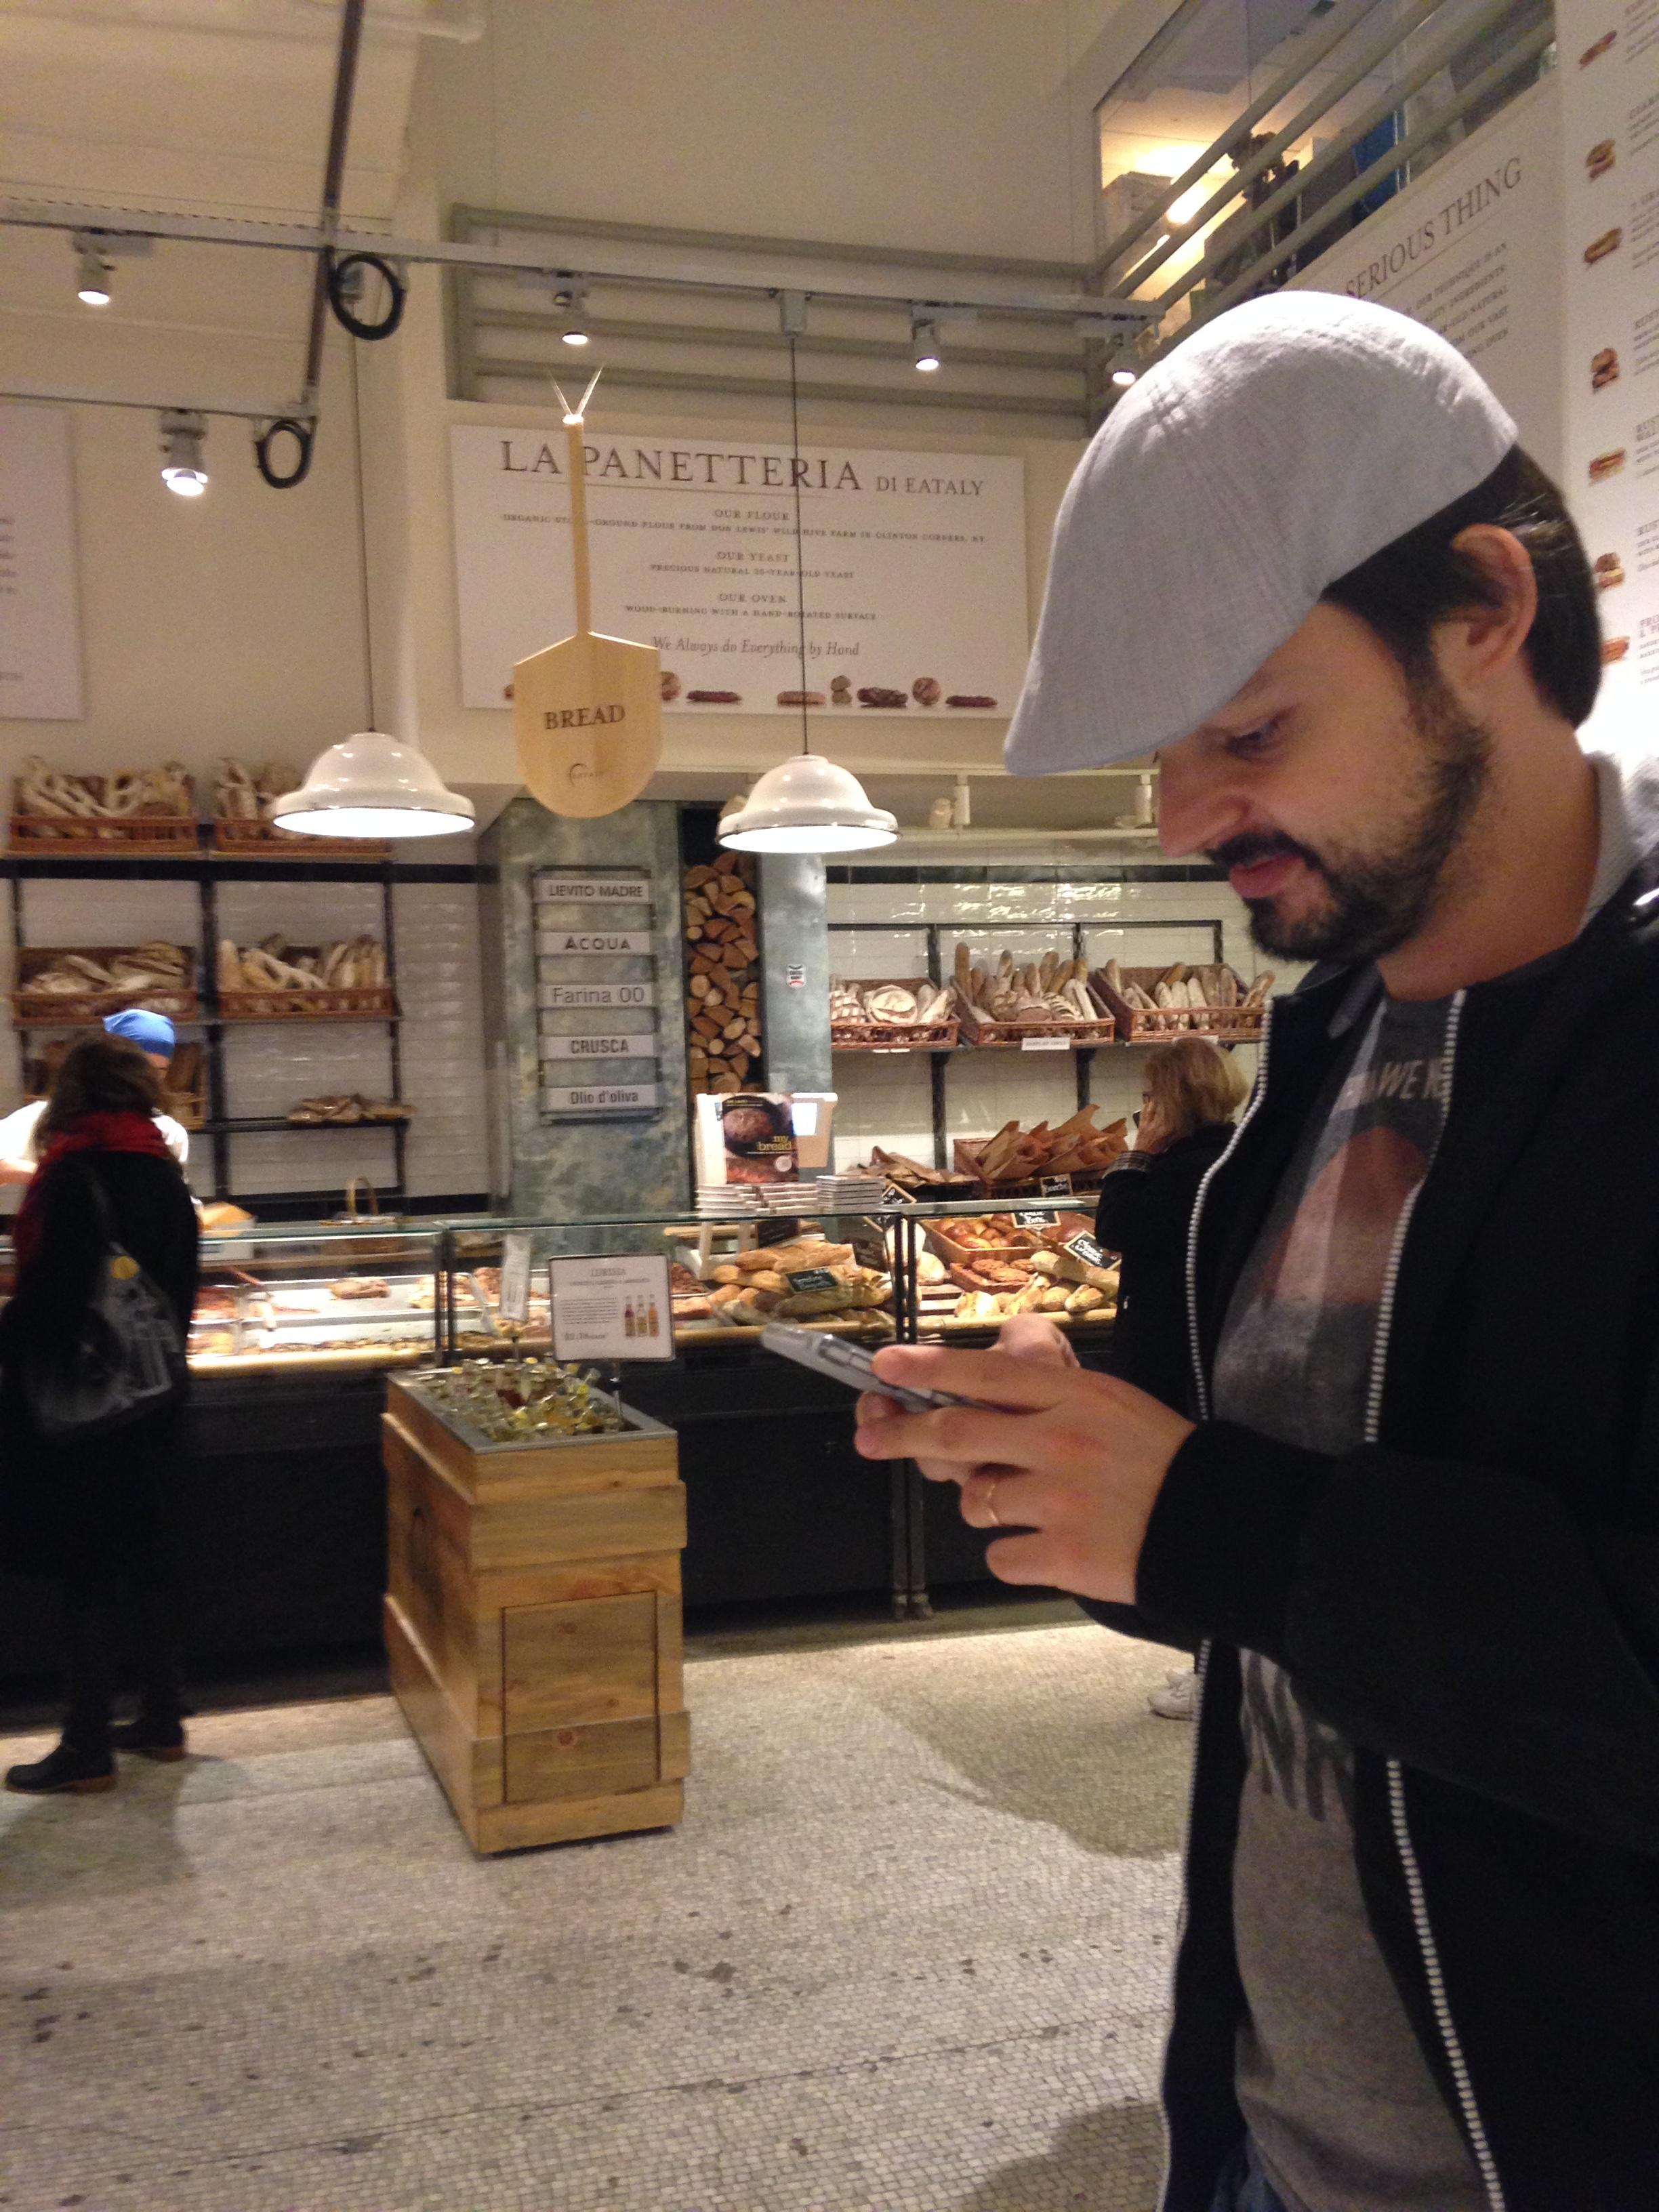 20141113 192238270 ios - Almorzando en Eataly en New York